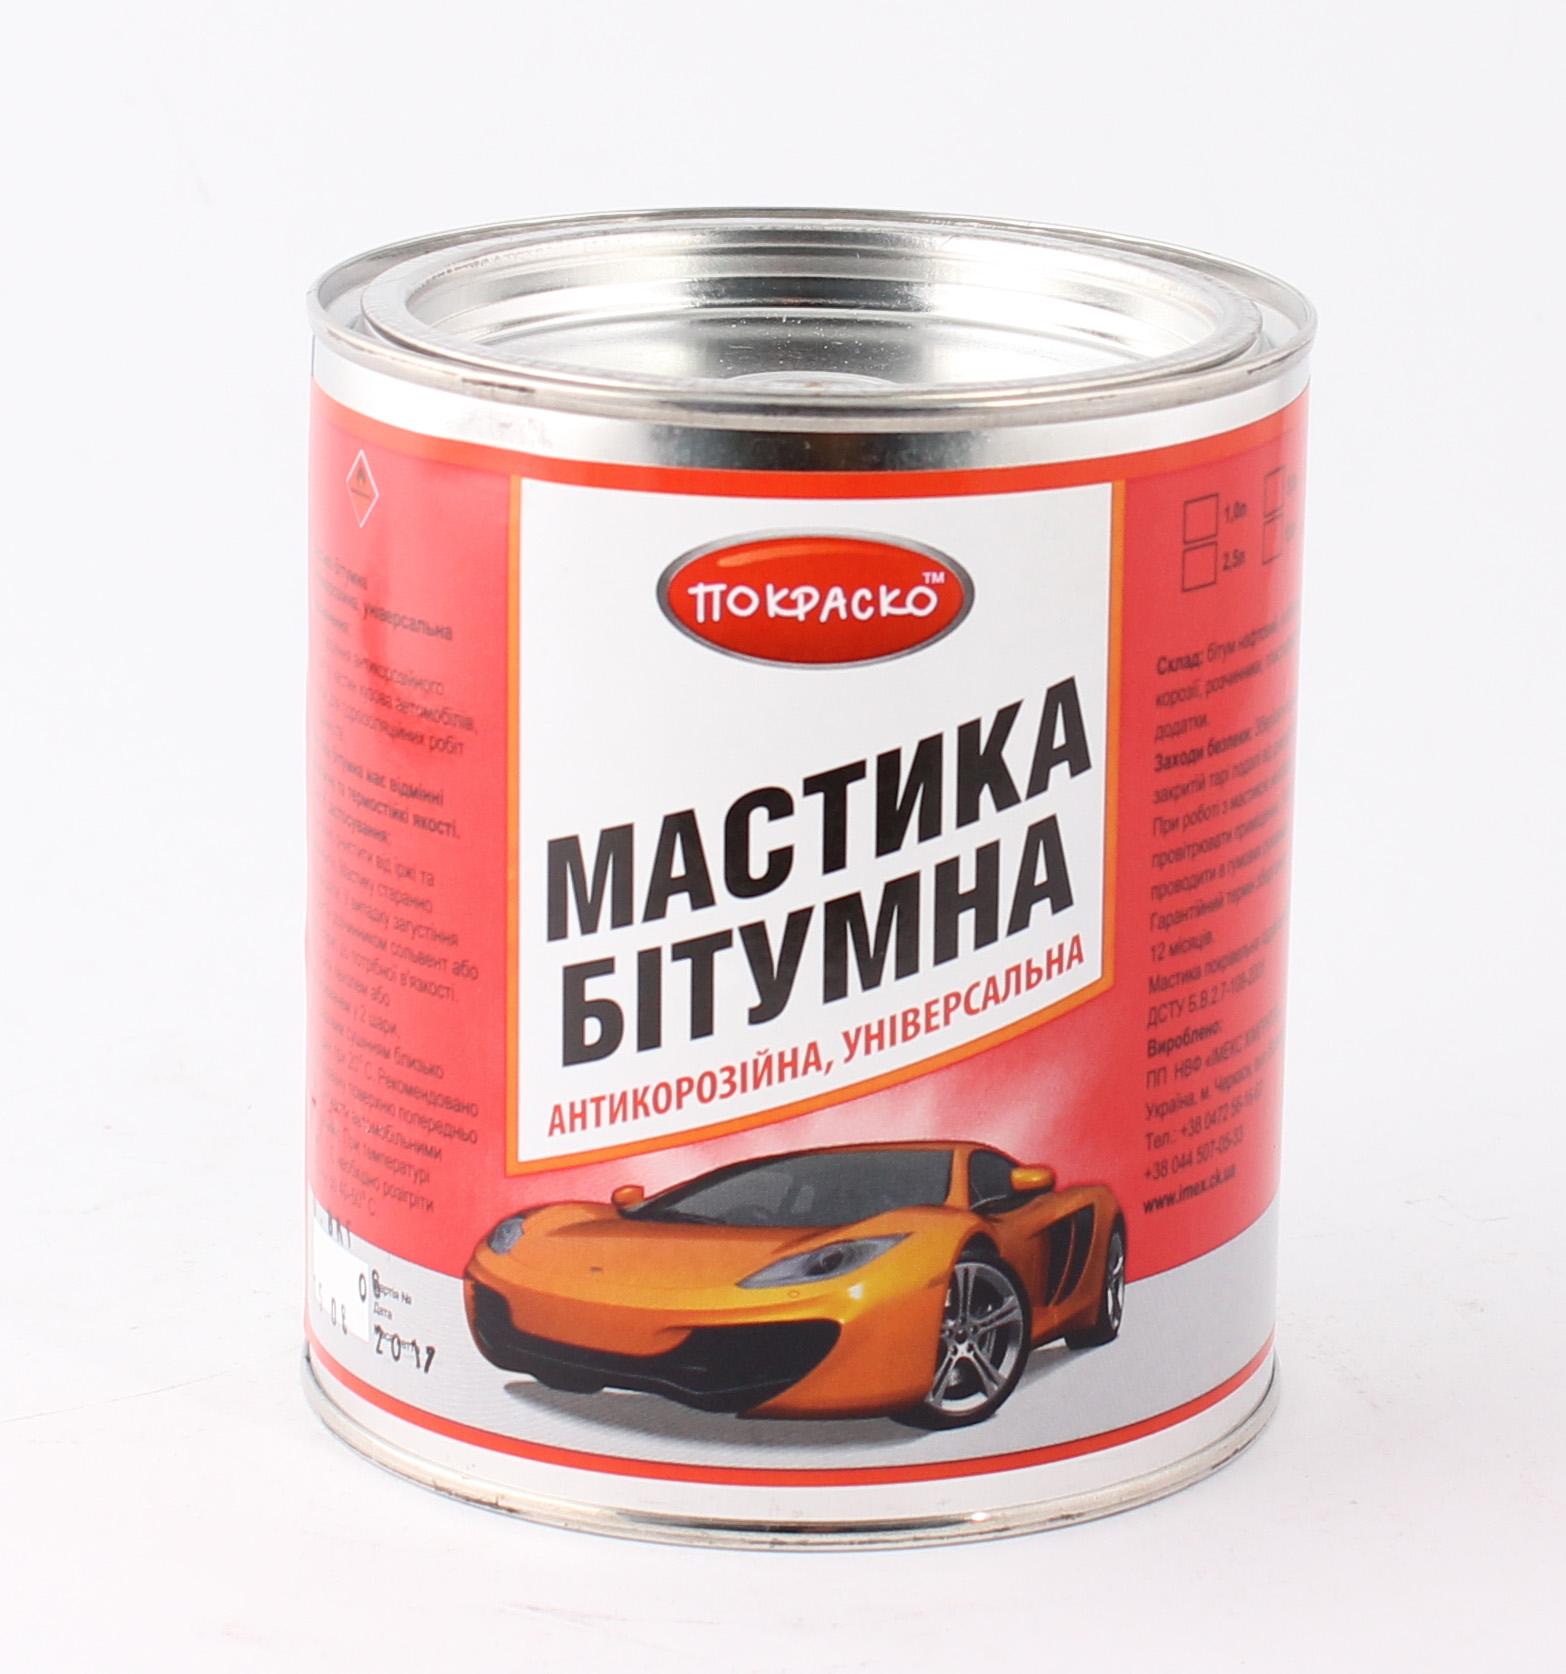 Покраско Мастика битумная 0.75кг